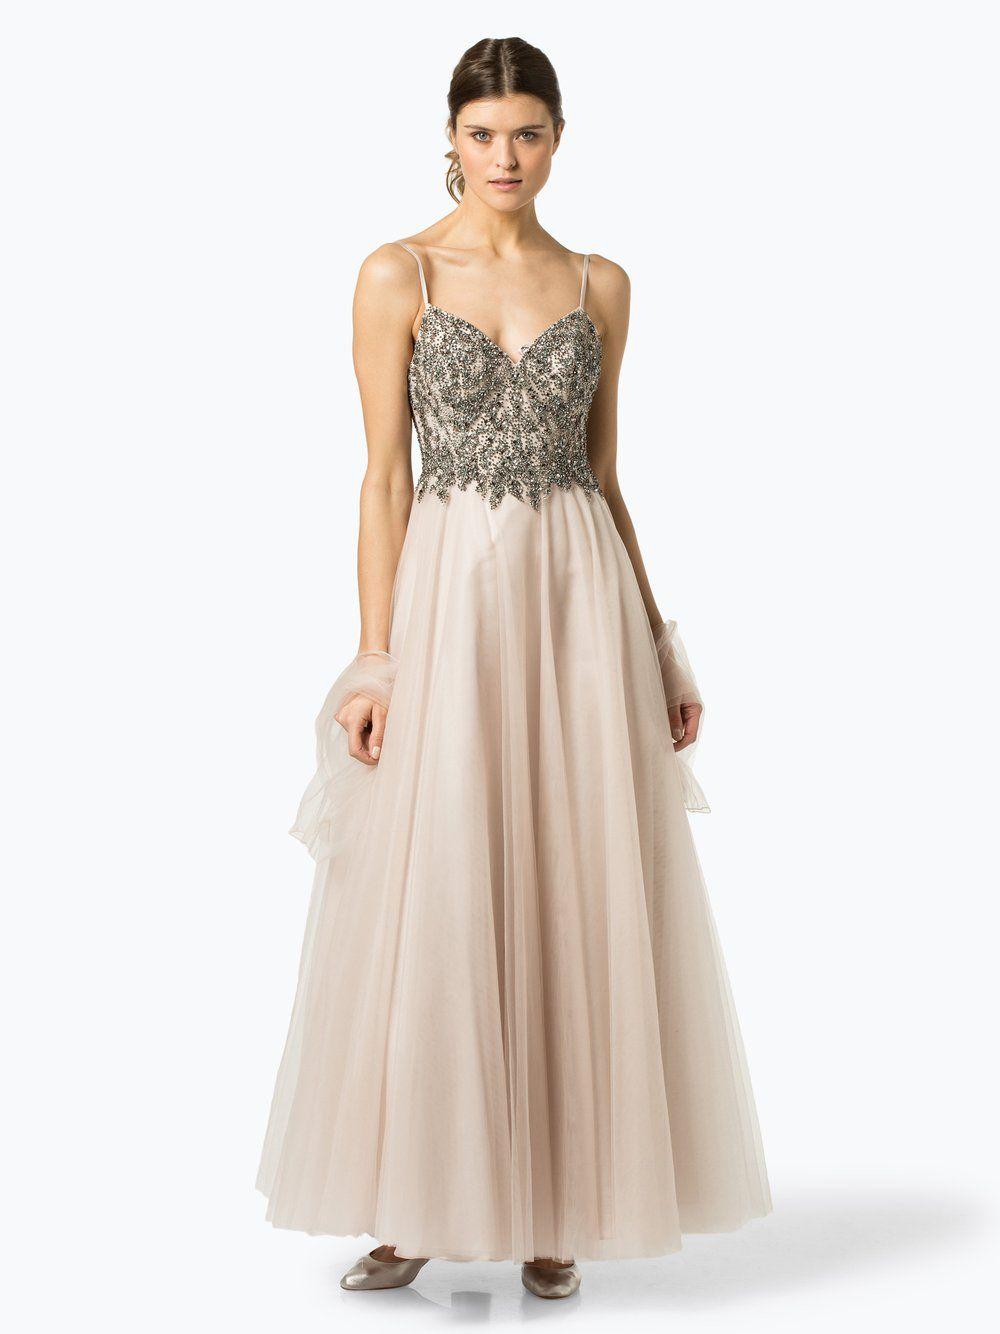 Unique Abendkleid mit Stola beige  Abendkleid, Kleid hochzeit